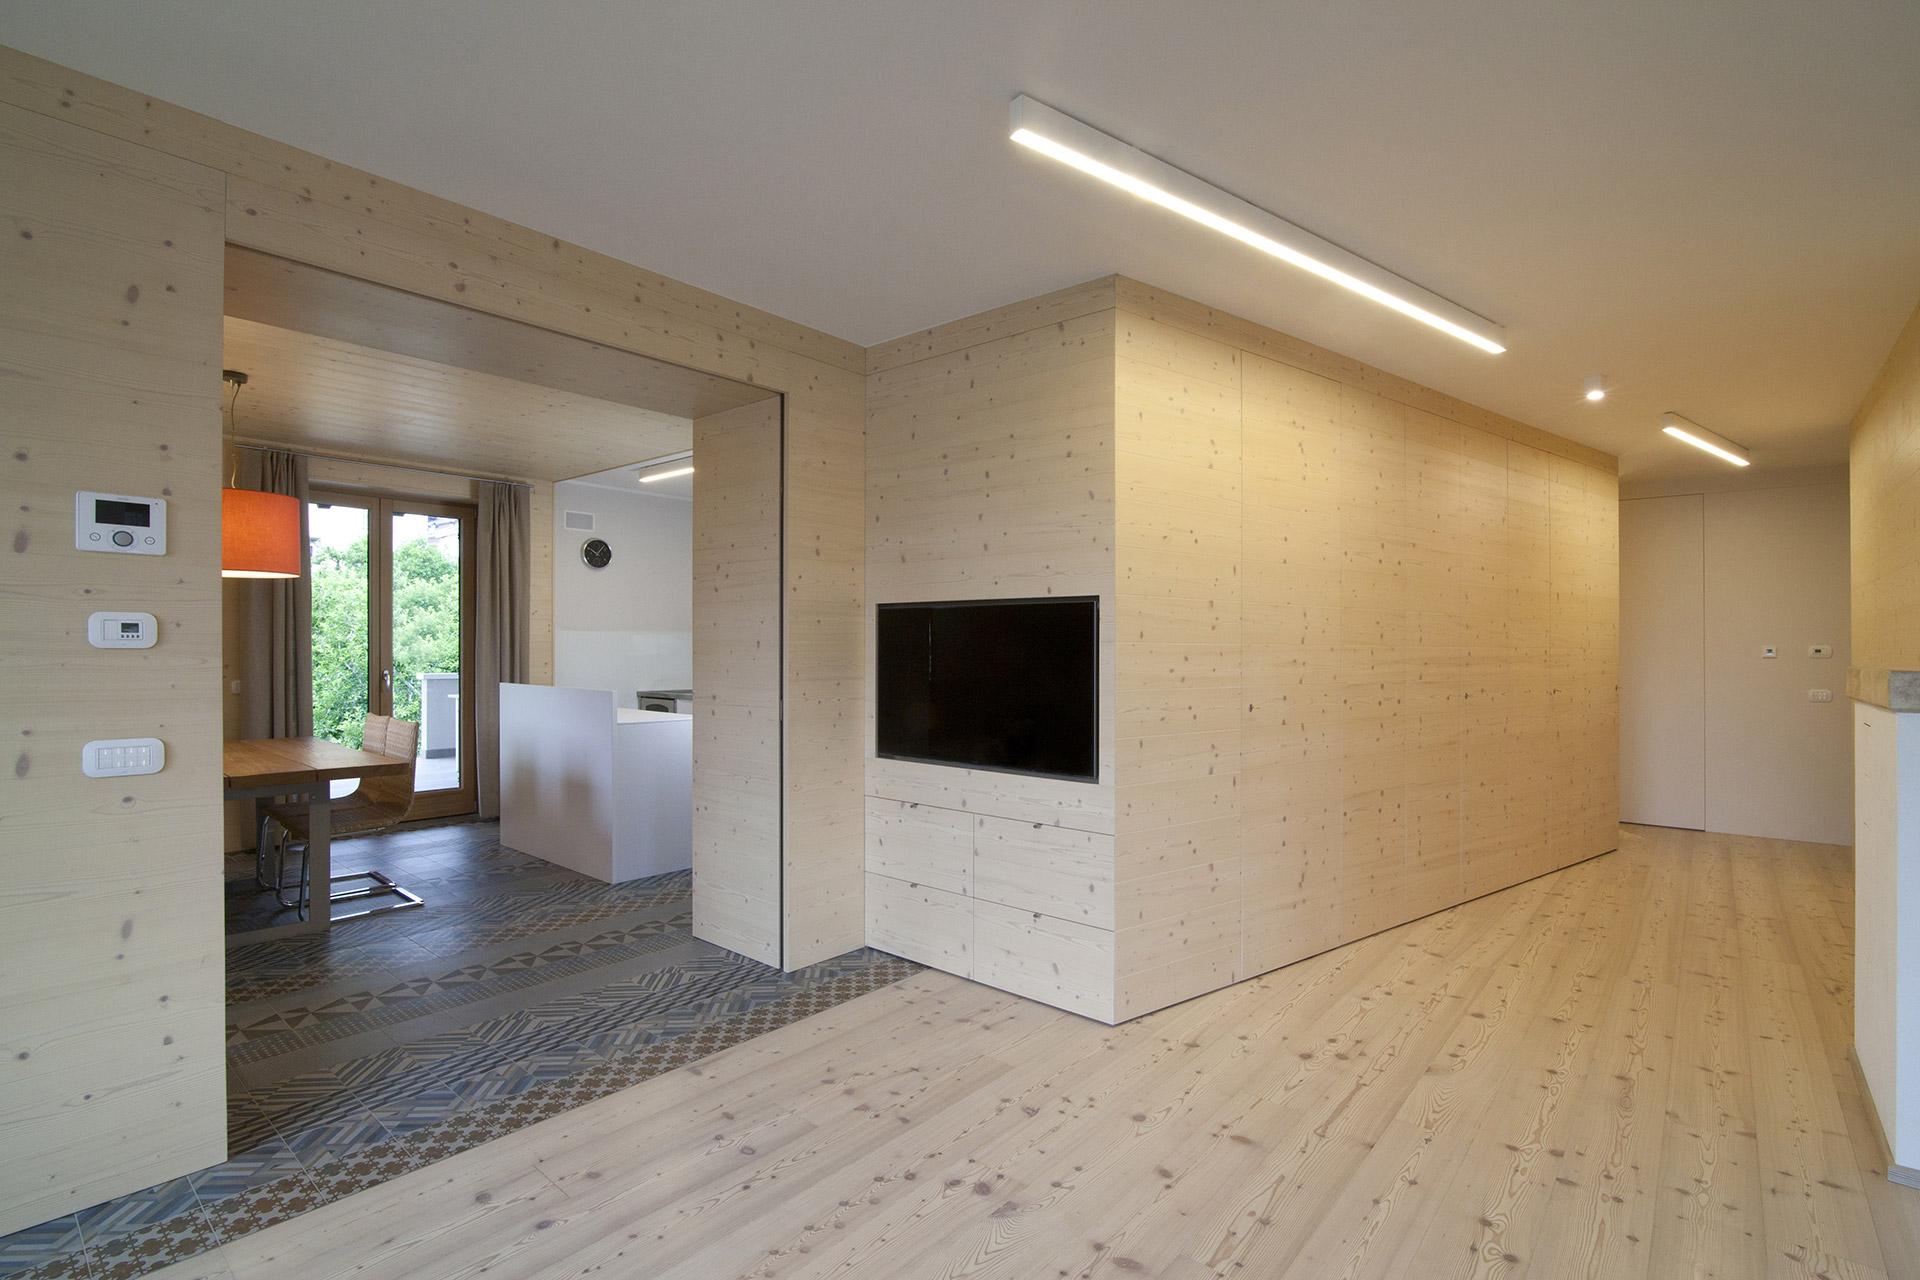 Arredamento Cucina Stile Nordico realizzazione casa in legno di abete sbiancato e acciaio inox